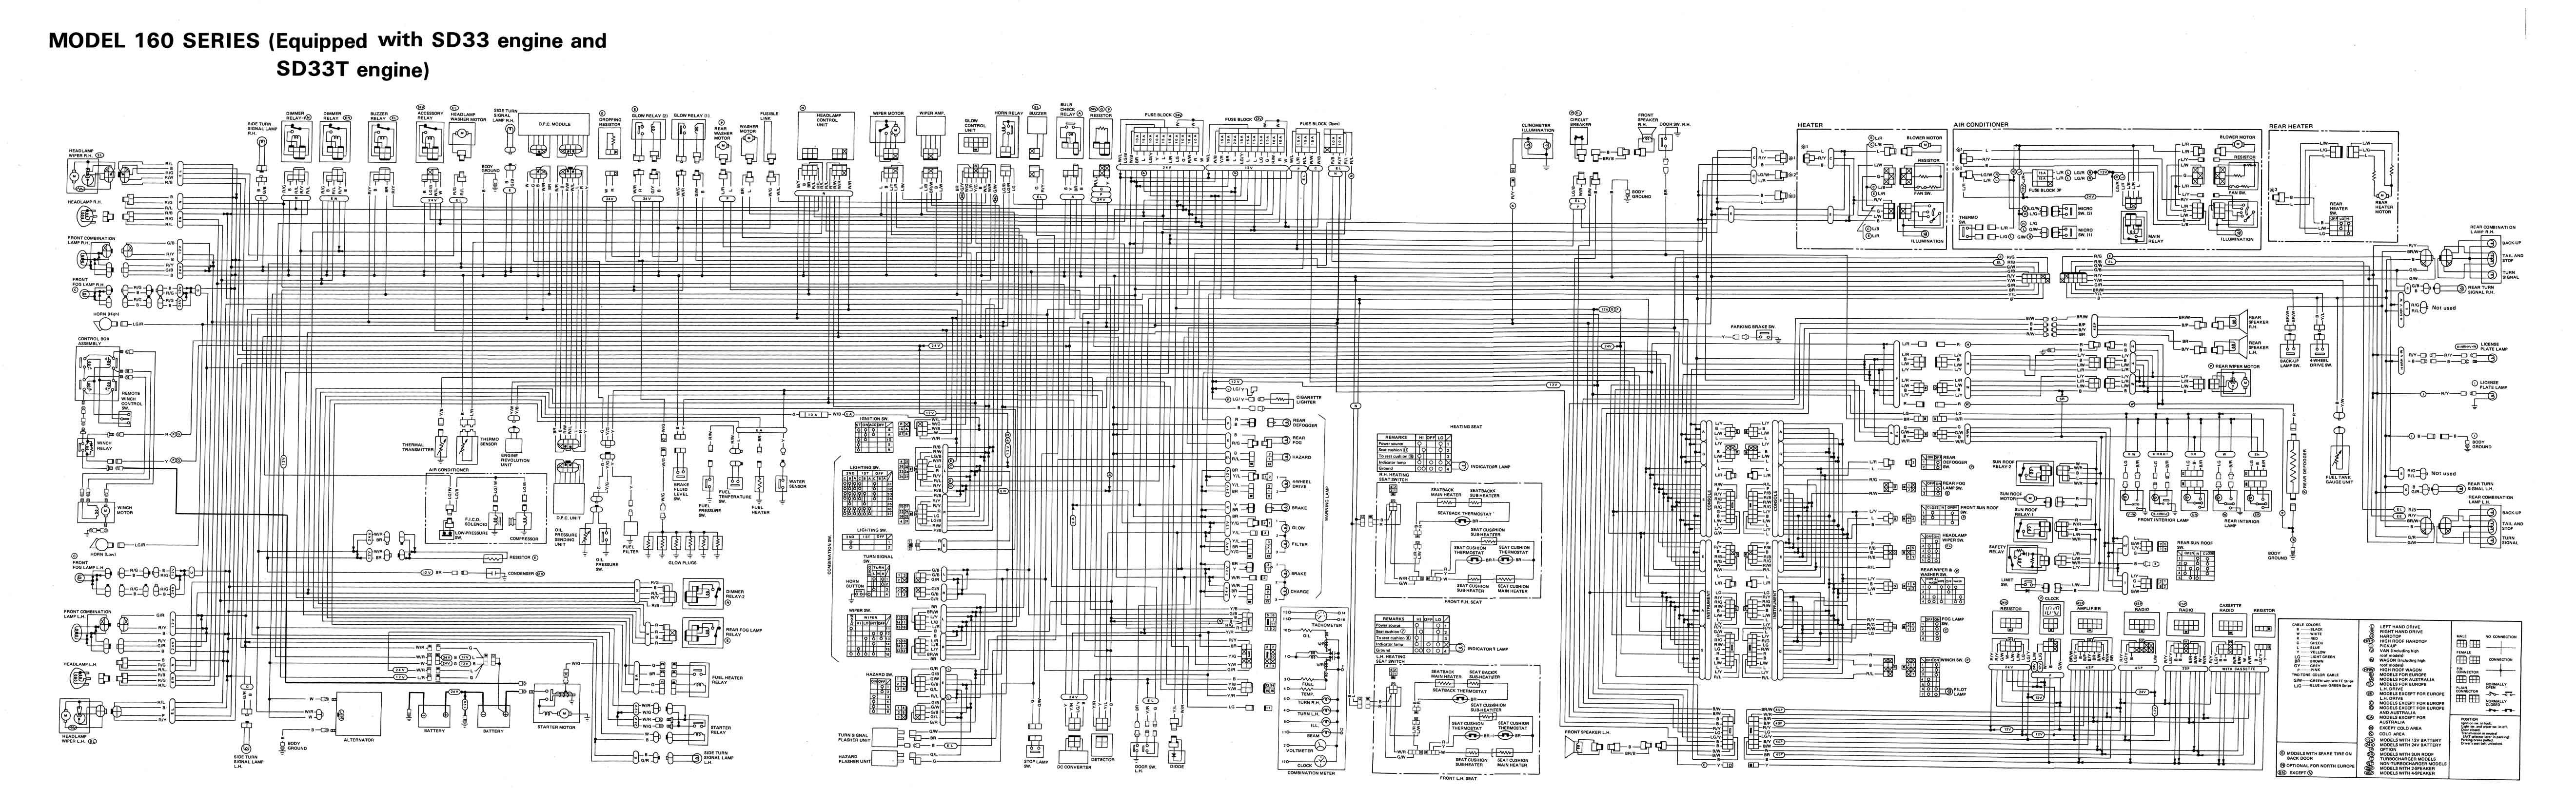 Nissan Patrol Gr Y60 Wiring Diagram Gq 204